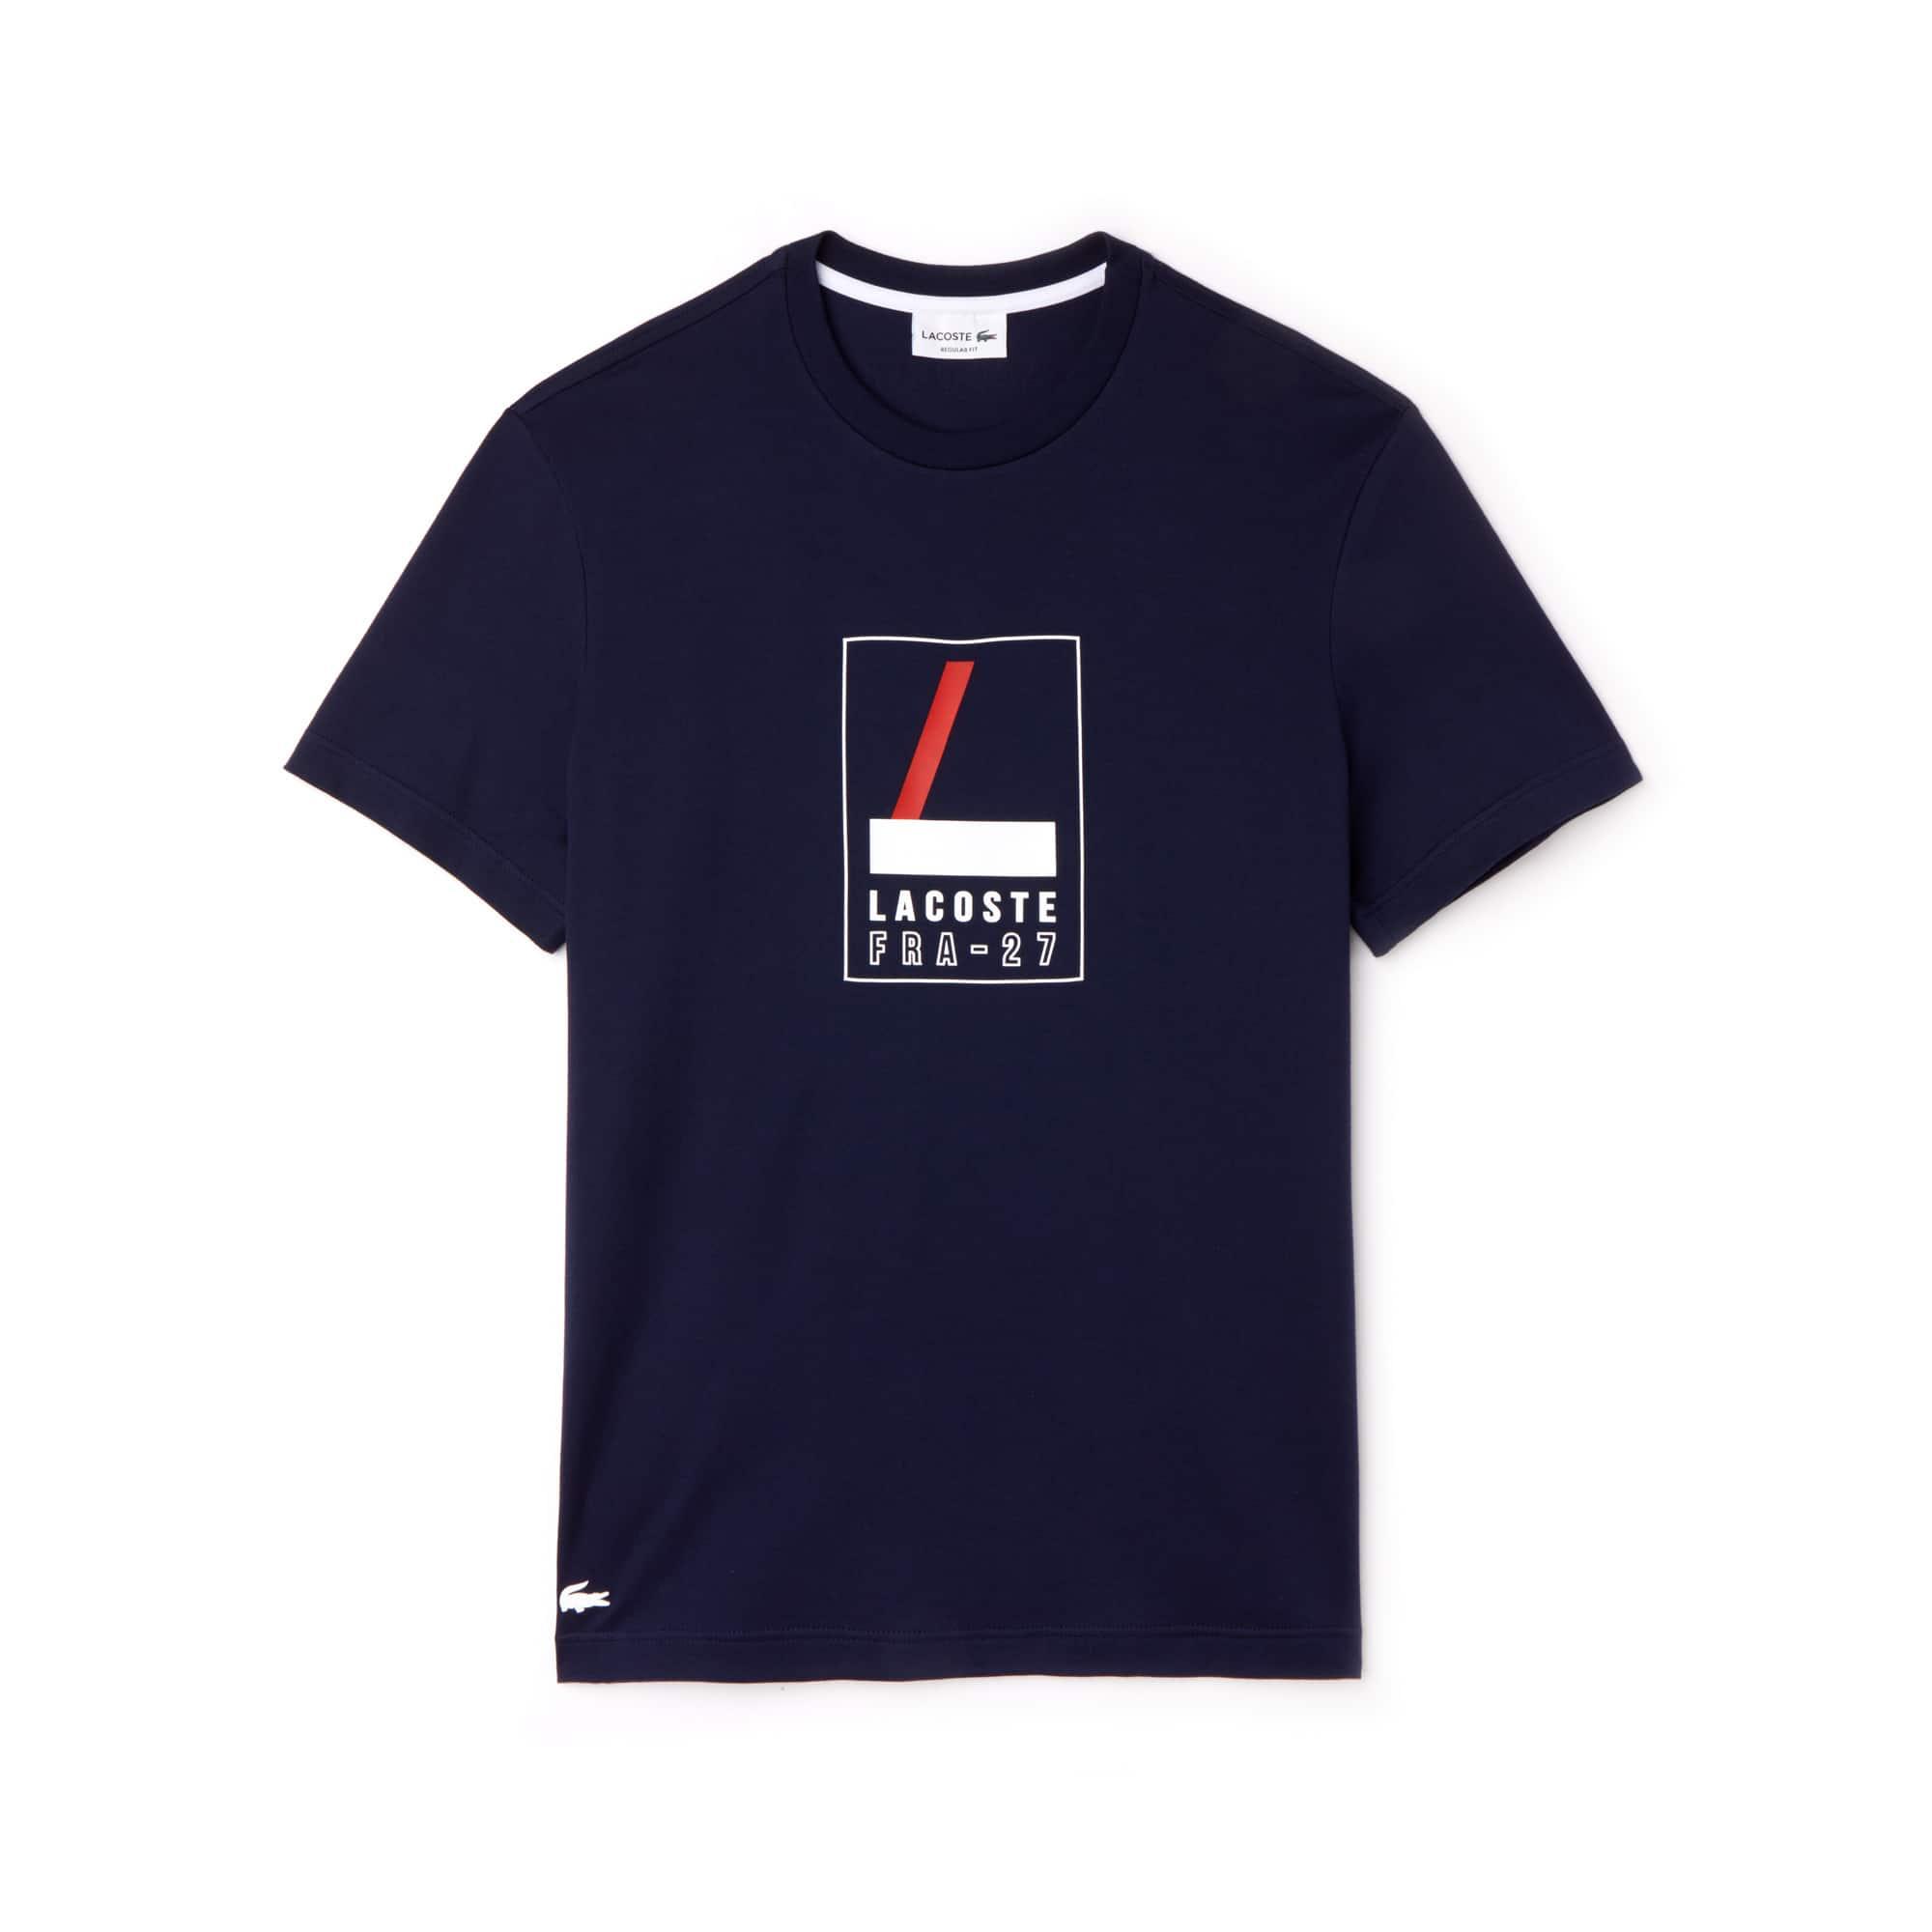 Herren Rundhals-T-Shirt aus Jersey mit Gummi-Schriftzug